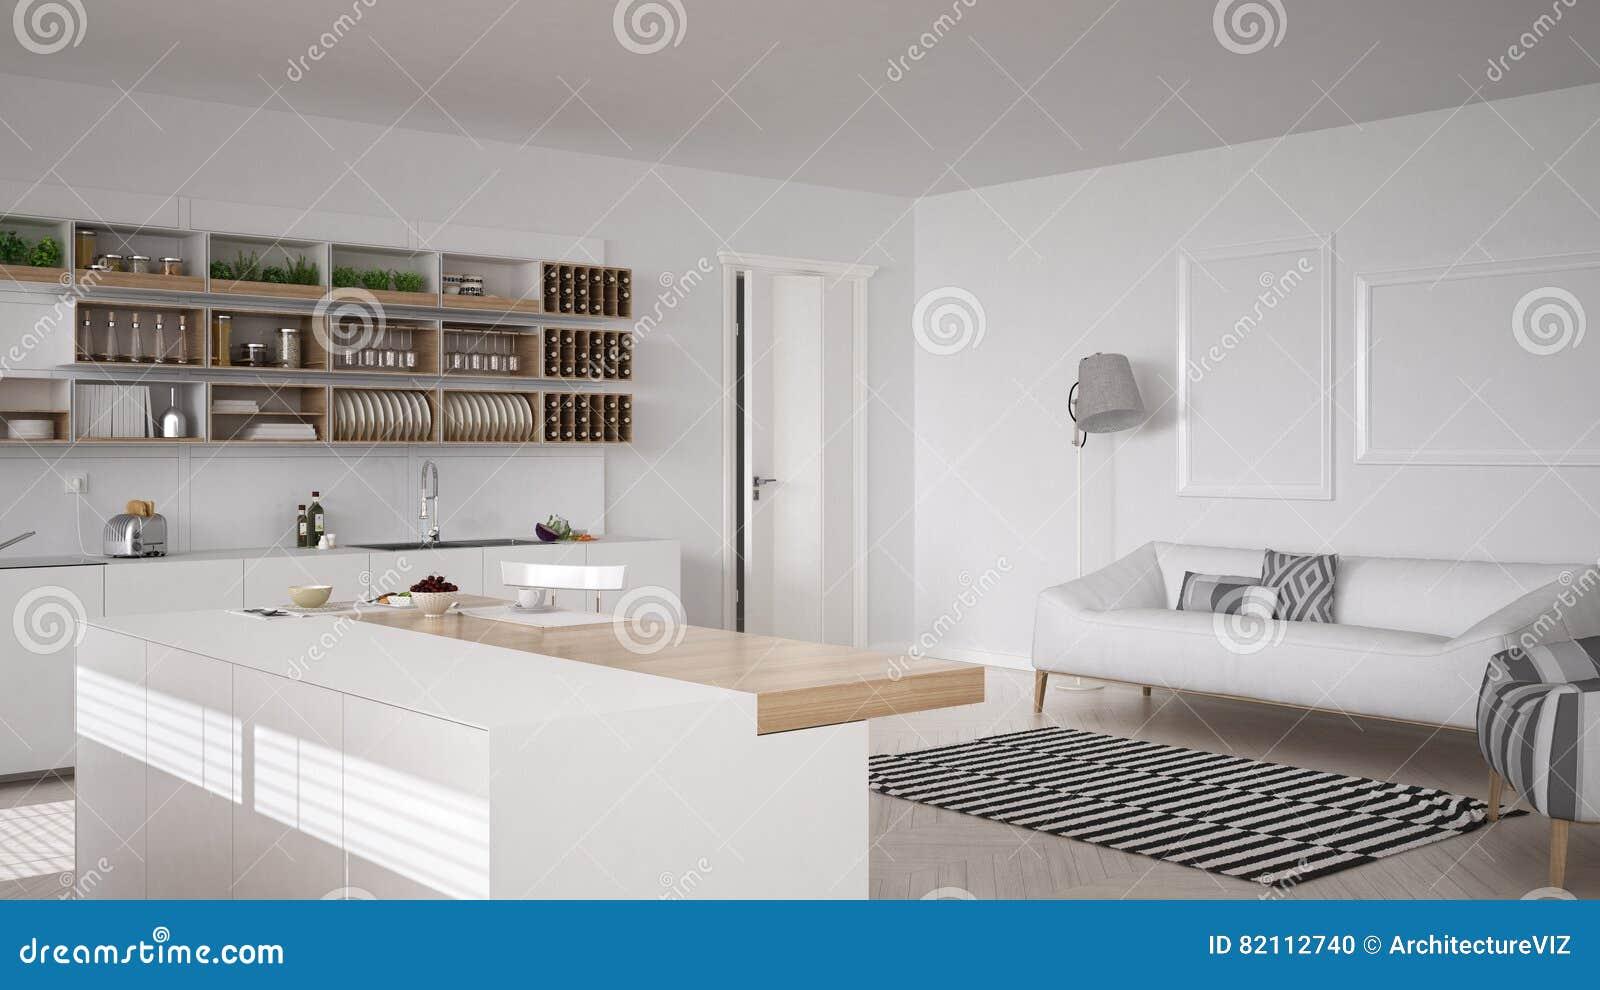 Erfreut Küche Innenarchitektur Bilder Herunterladen Bilder - Ideen ...